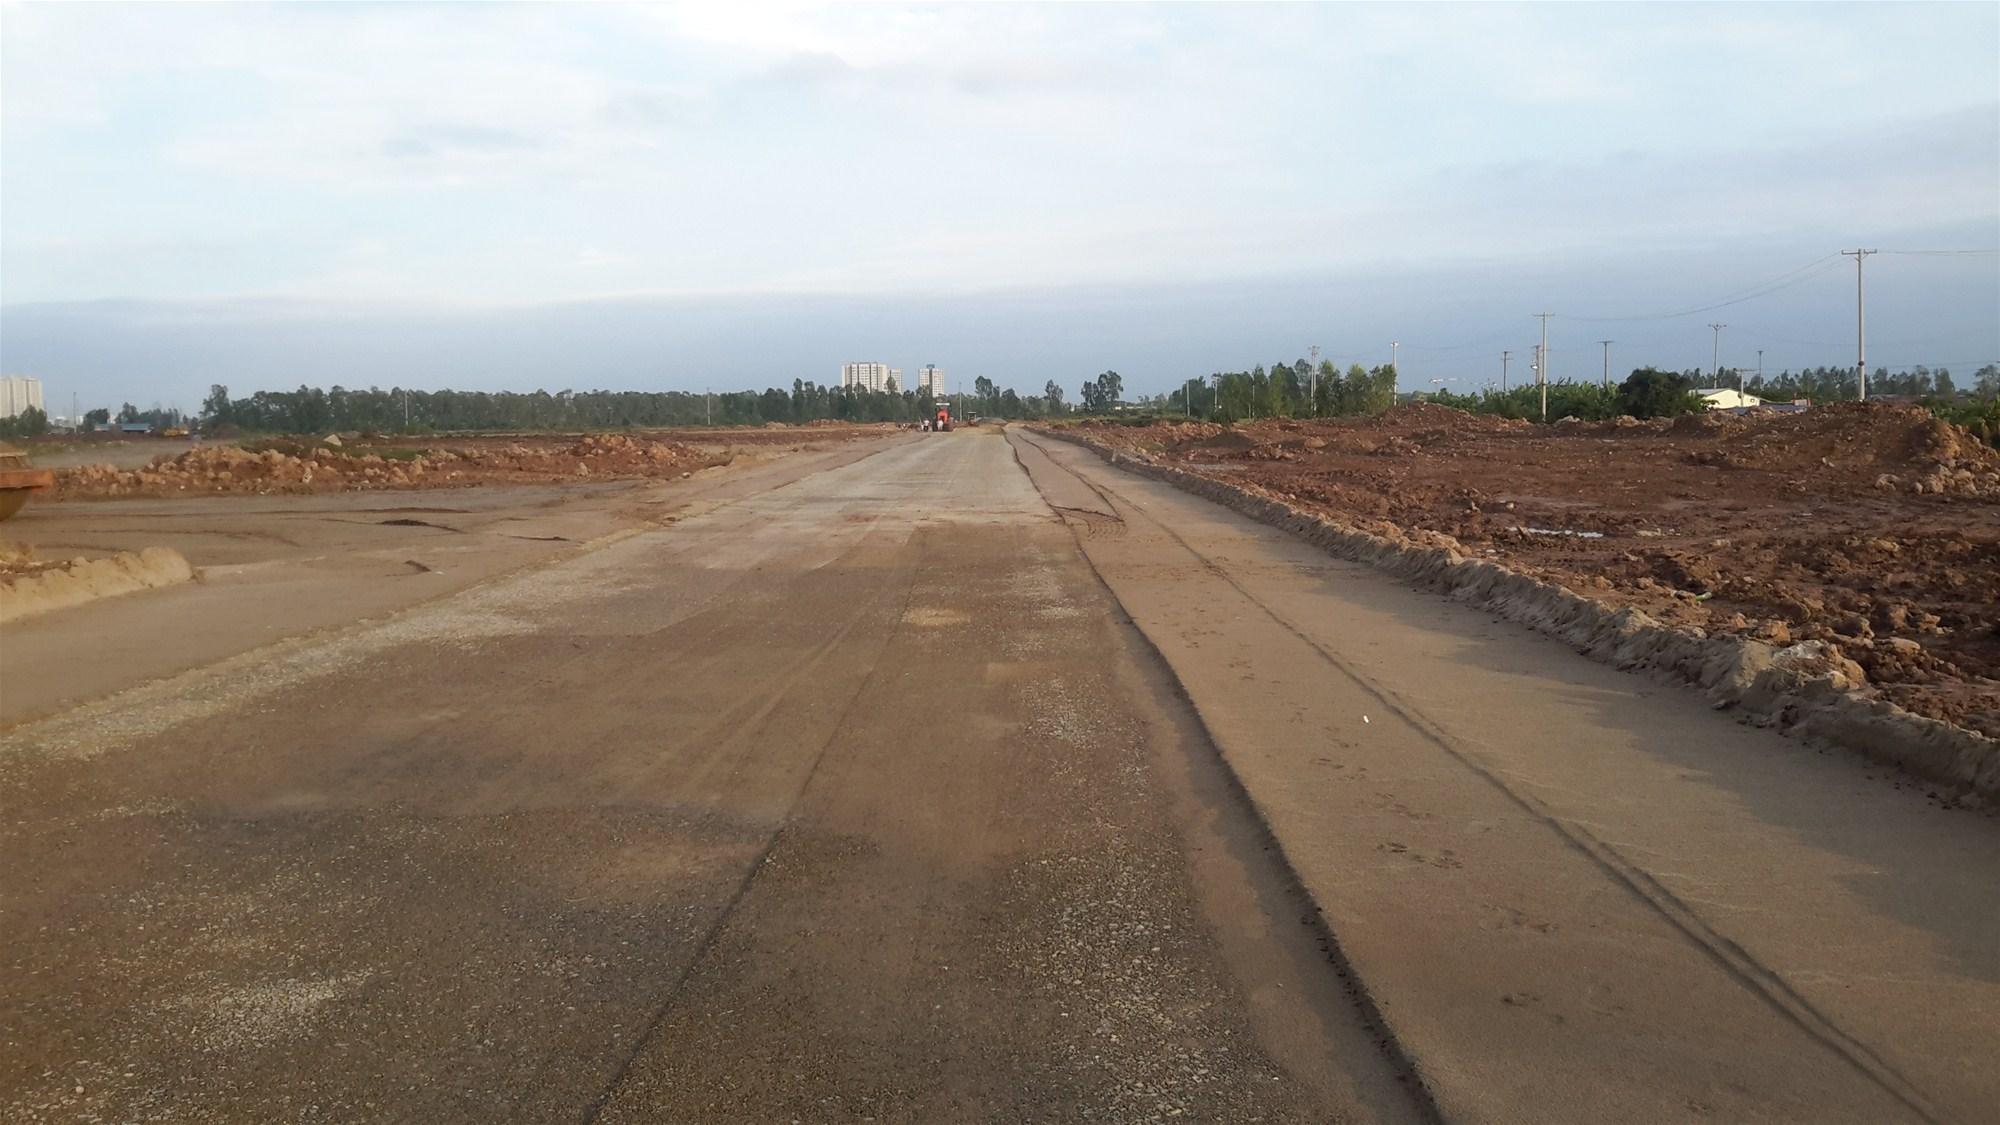 Hướng, diện tích các loại đất liền kề tại Dự án Phú Lương, Hà Đông